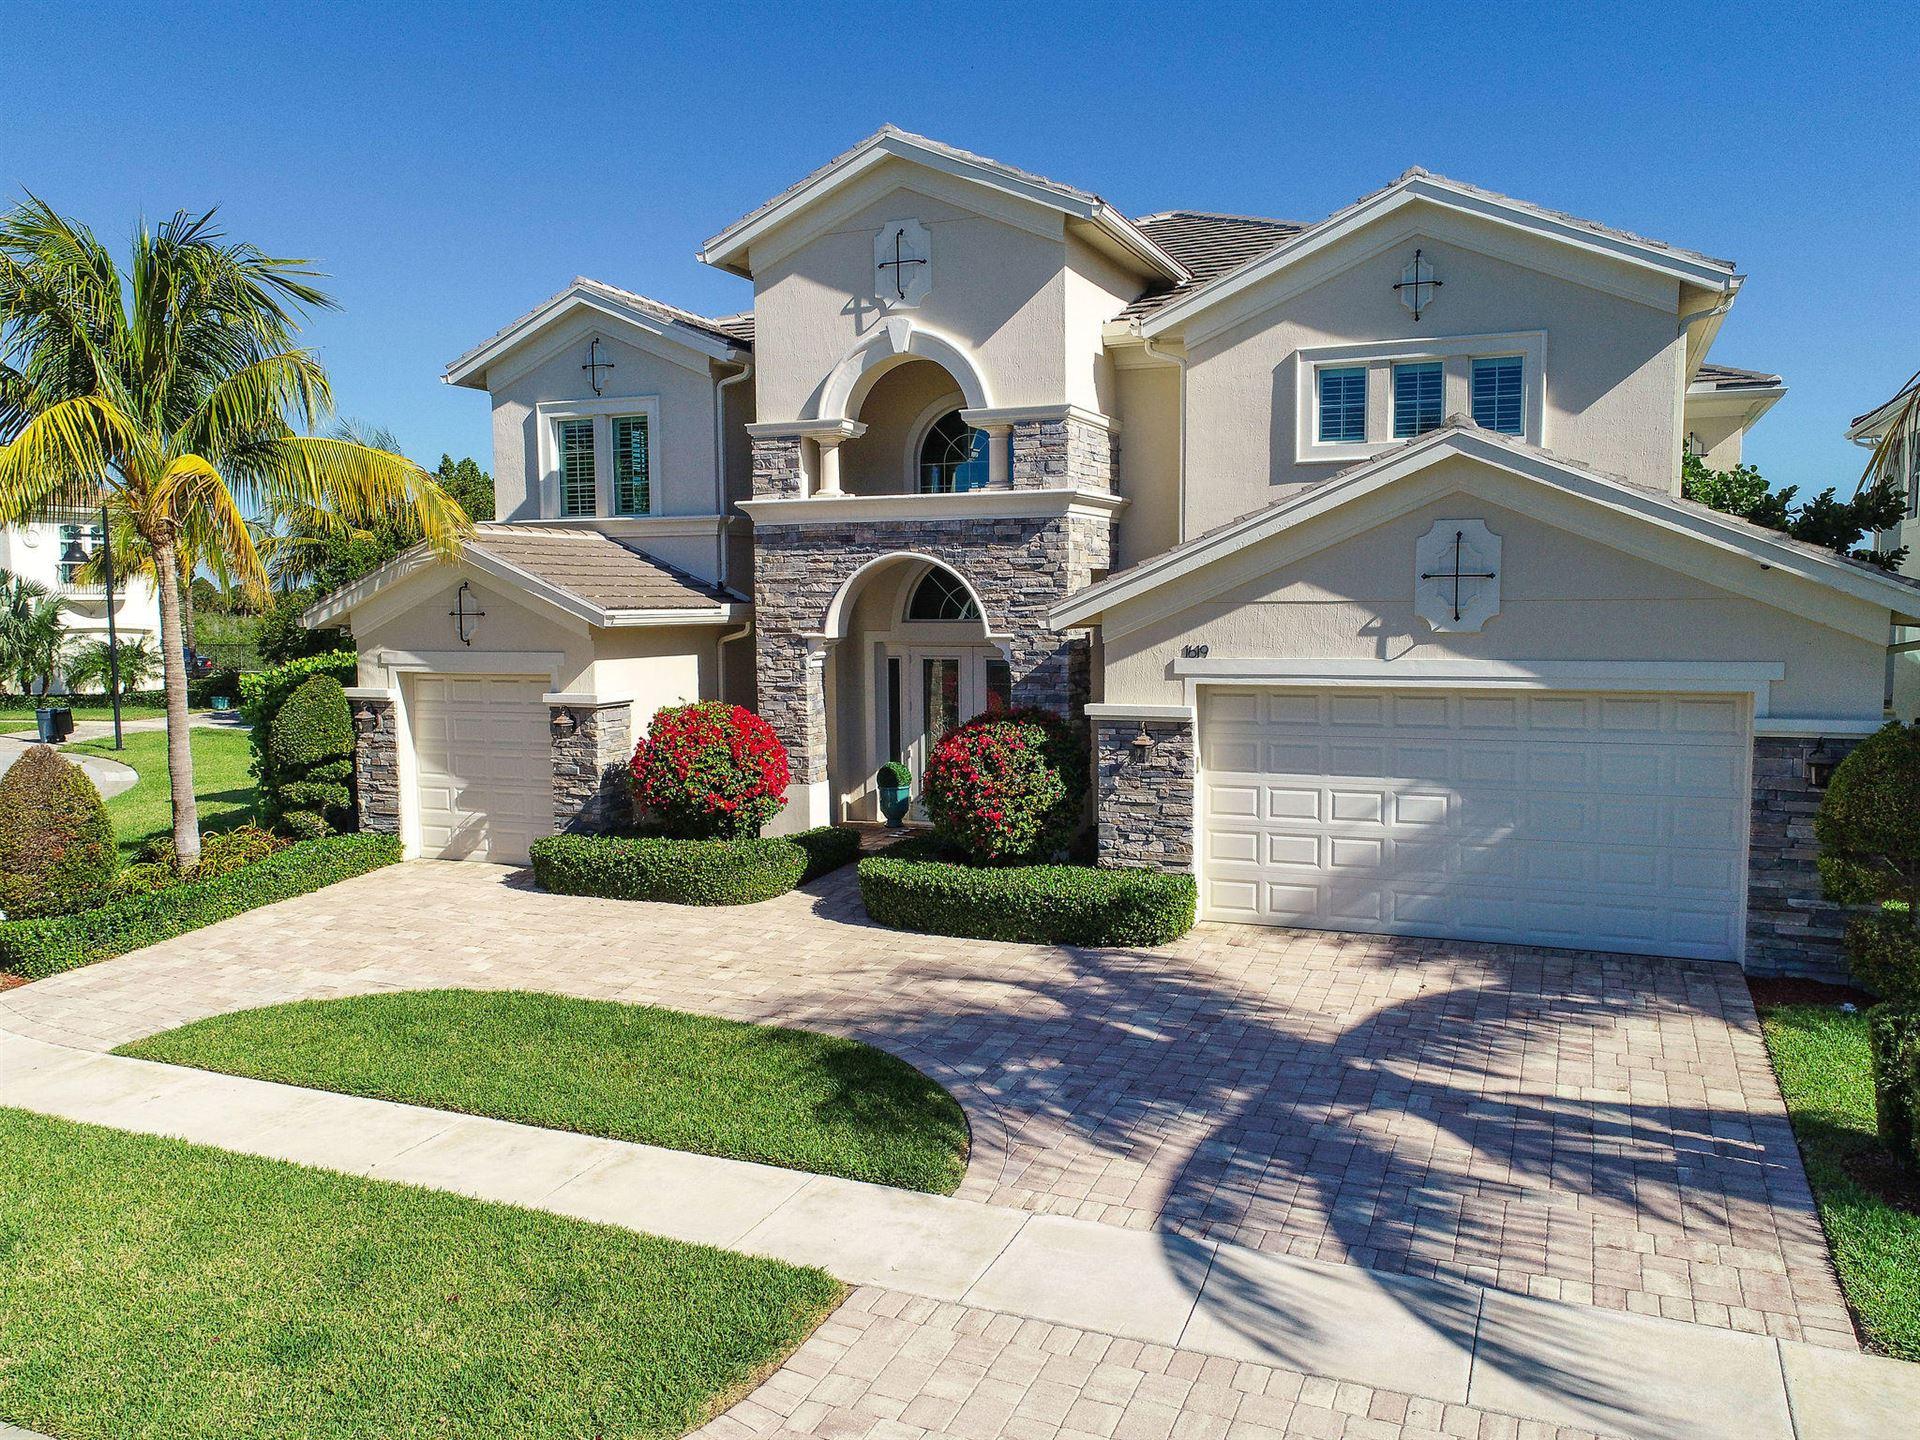 1619 E Hemingway Drive, Juno Beach, FL 33408 - #: RX-10615363